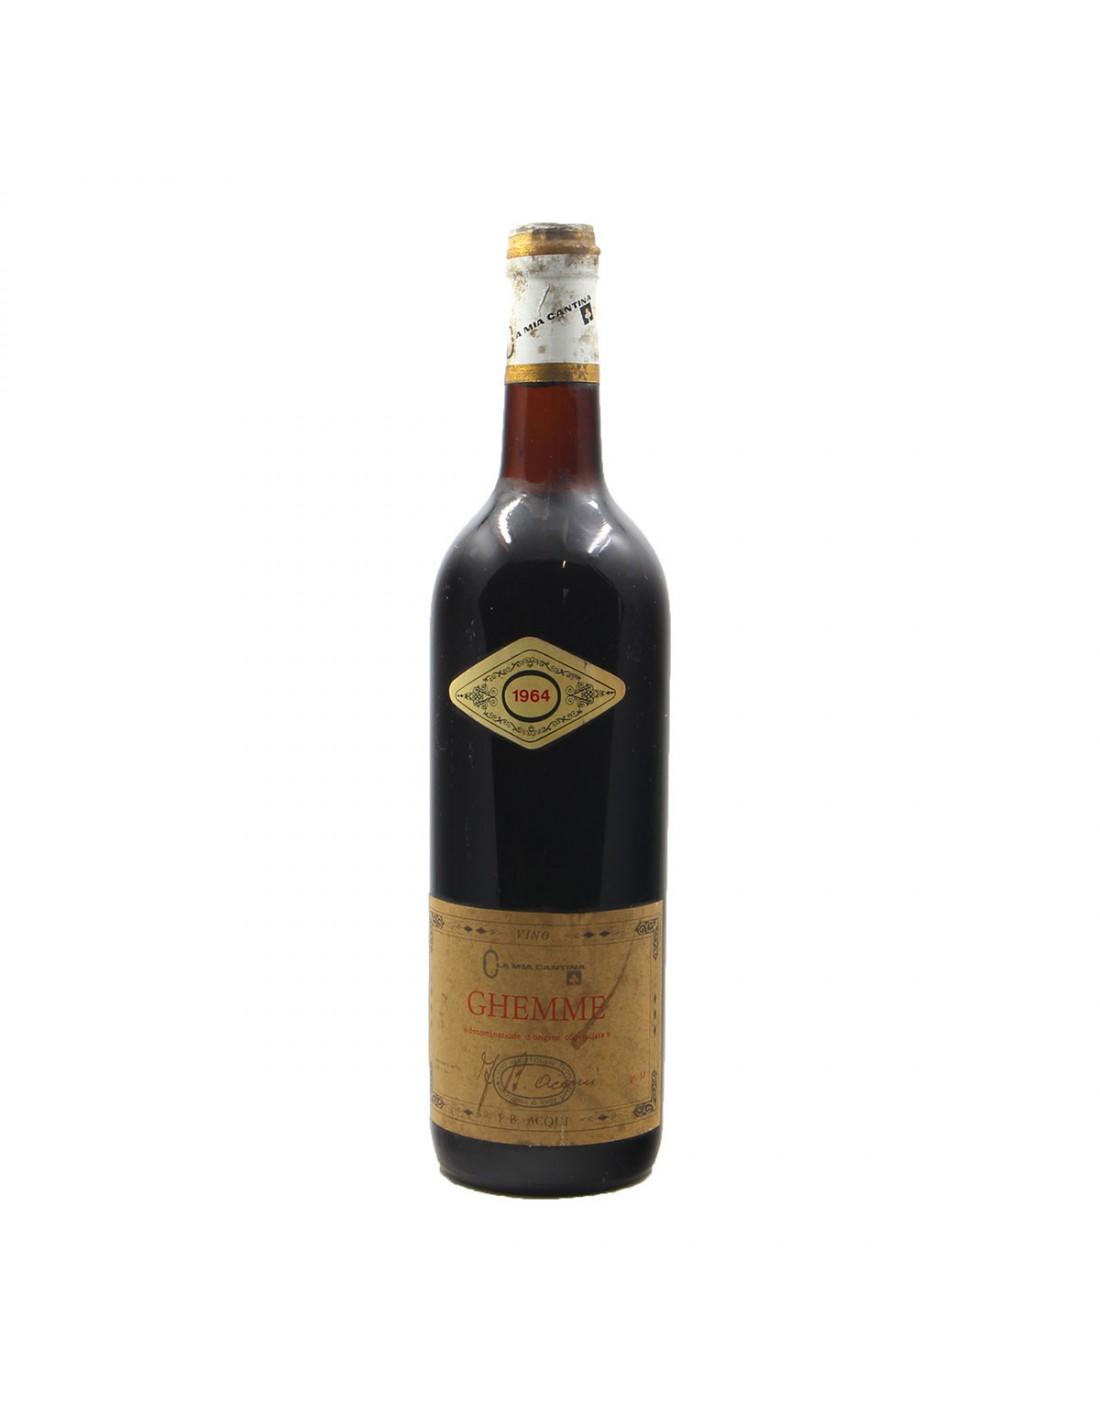 GHEMME 1964 ACQUI Grandi Bottiglie